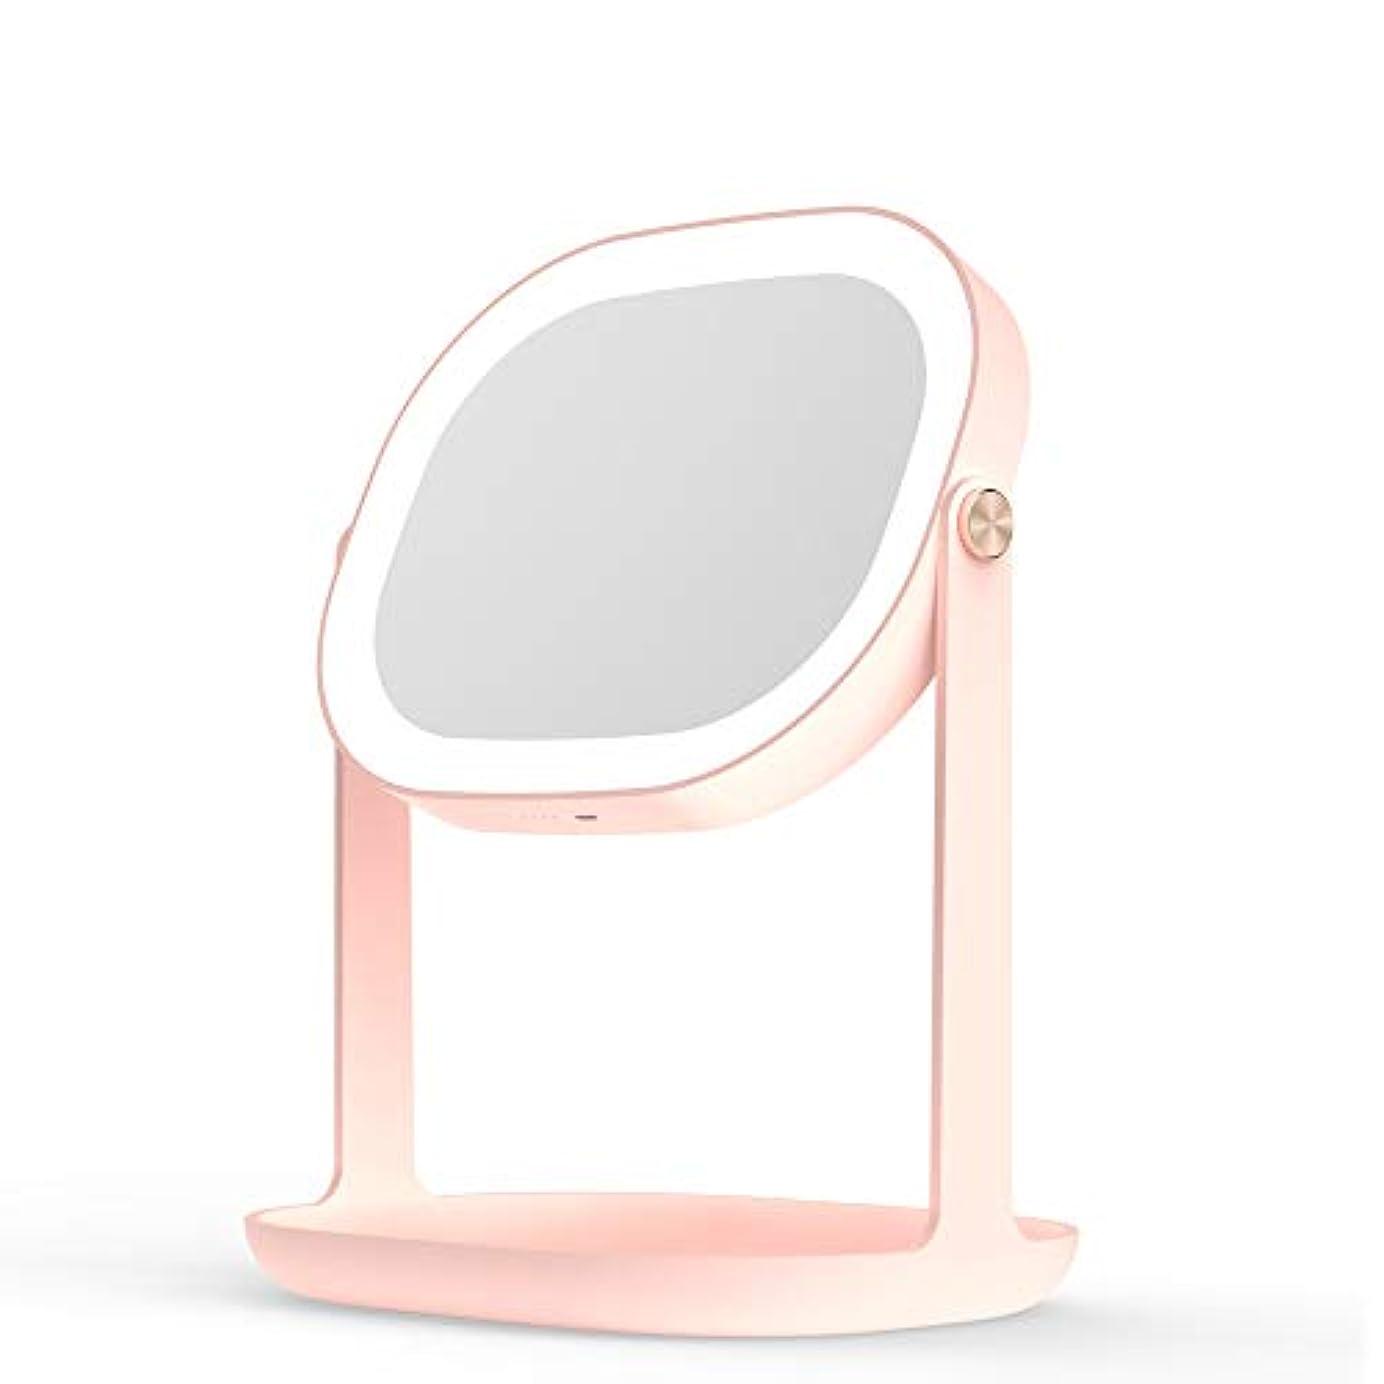 対応する達成精査する化粧鏡 LEDライトと化粧品収納ボックス付き 明るさ調節可能 高品質ガラス360°回転 48時間使用できる 、壁にDIY掛けるベルトも付き